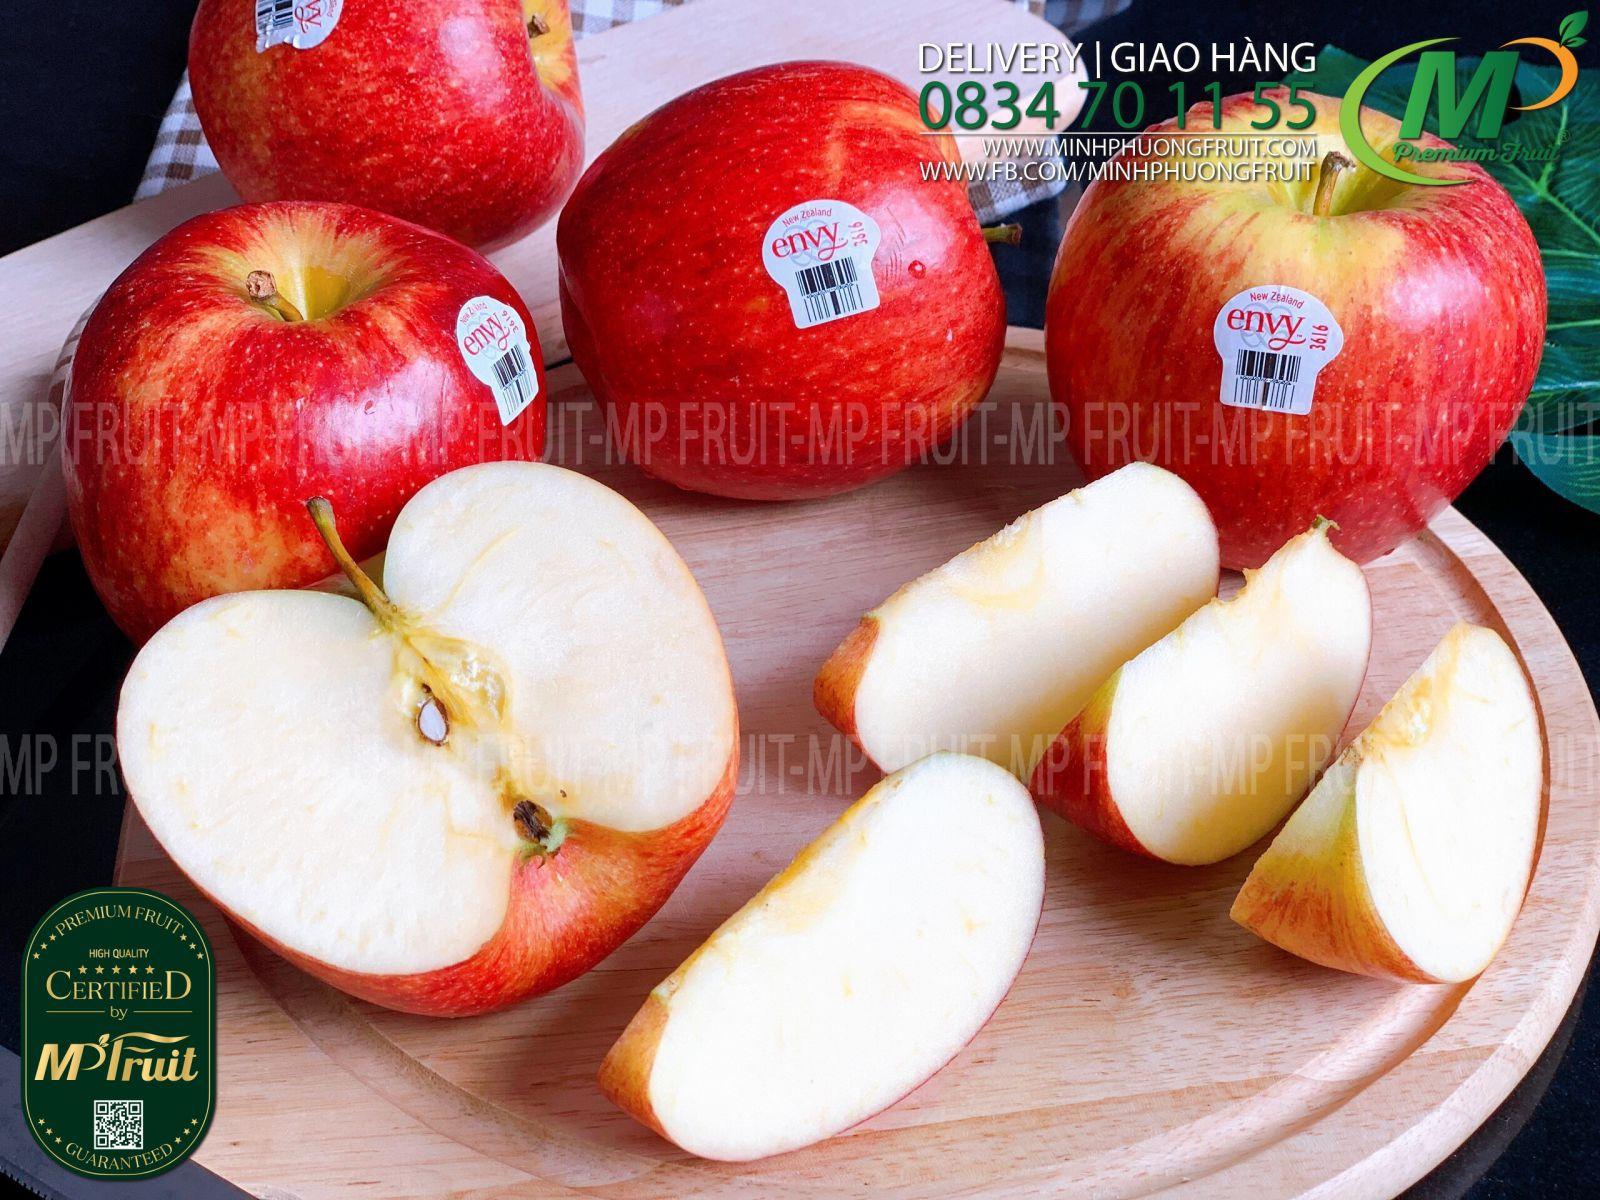 Táo Envy NZ tại MP Fruits